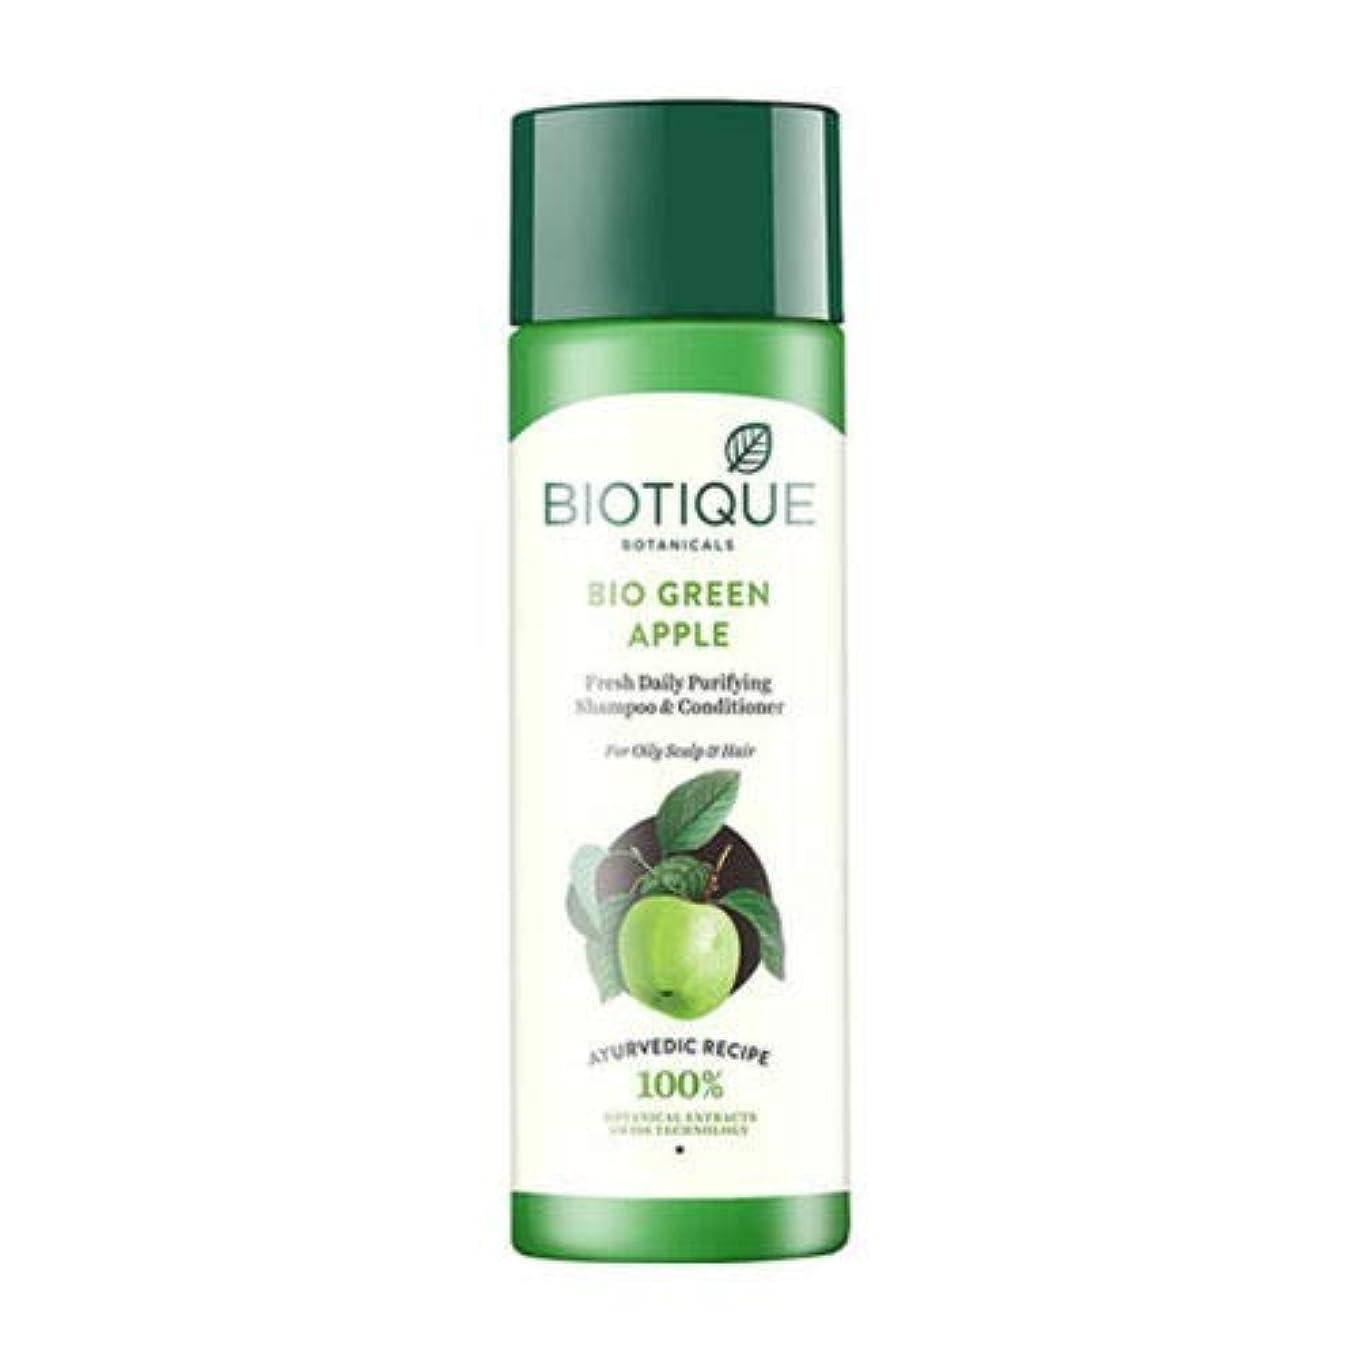 サーキットに行くタイマー一族Biotique Fresh Daily Purifying Shampoo & Conditioner - Bio Green Apple (190 ml) Biotiqueフレッシュデイリーピュリファイングシャンプー...